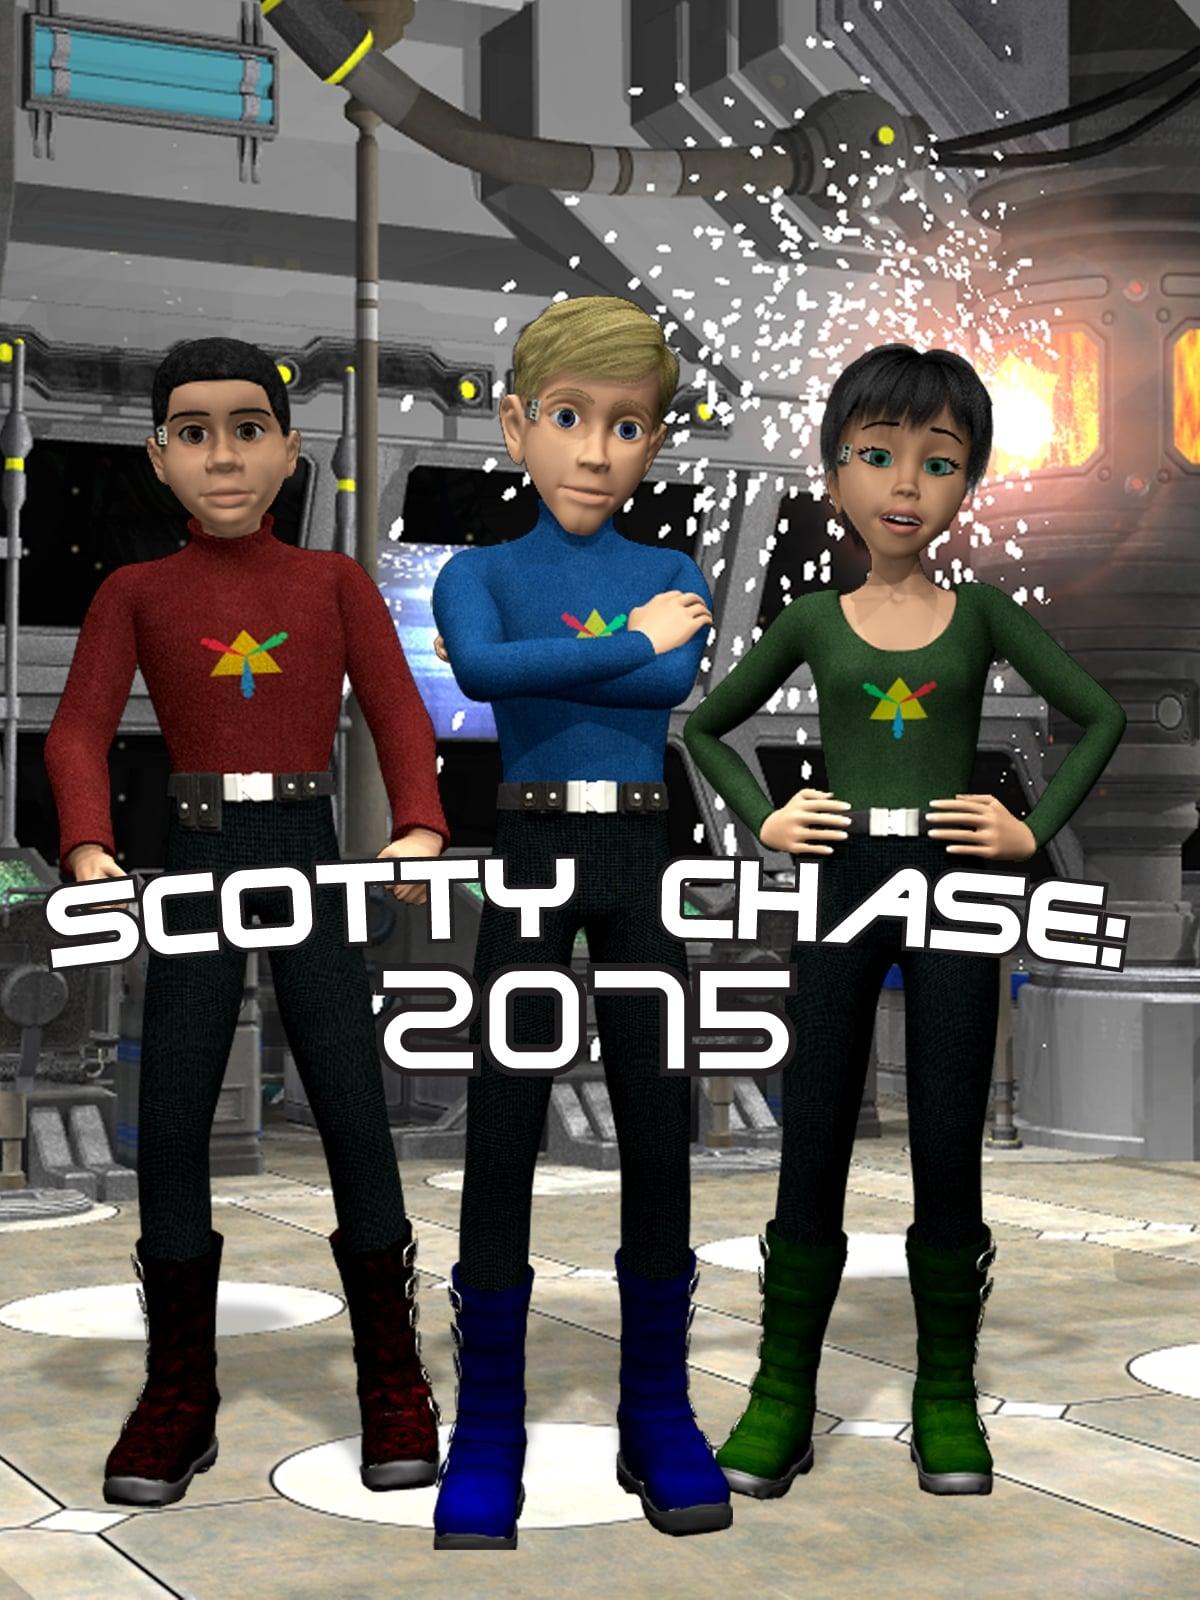 Scotty Chase: 2075 (1970)